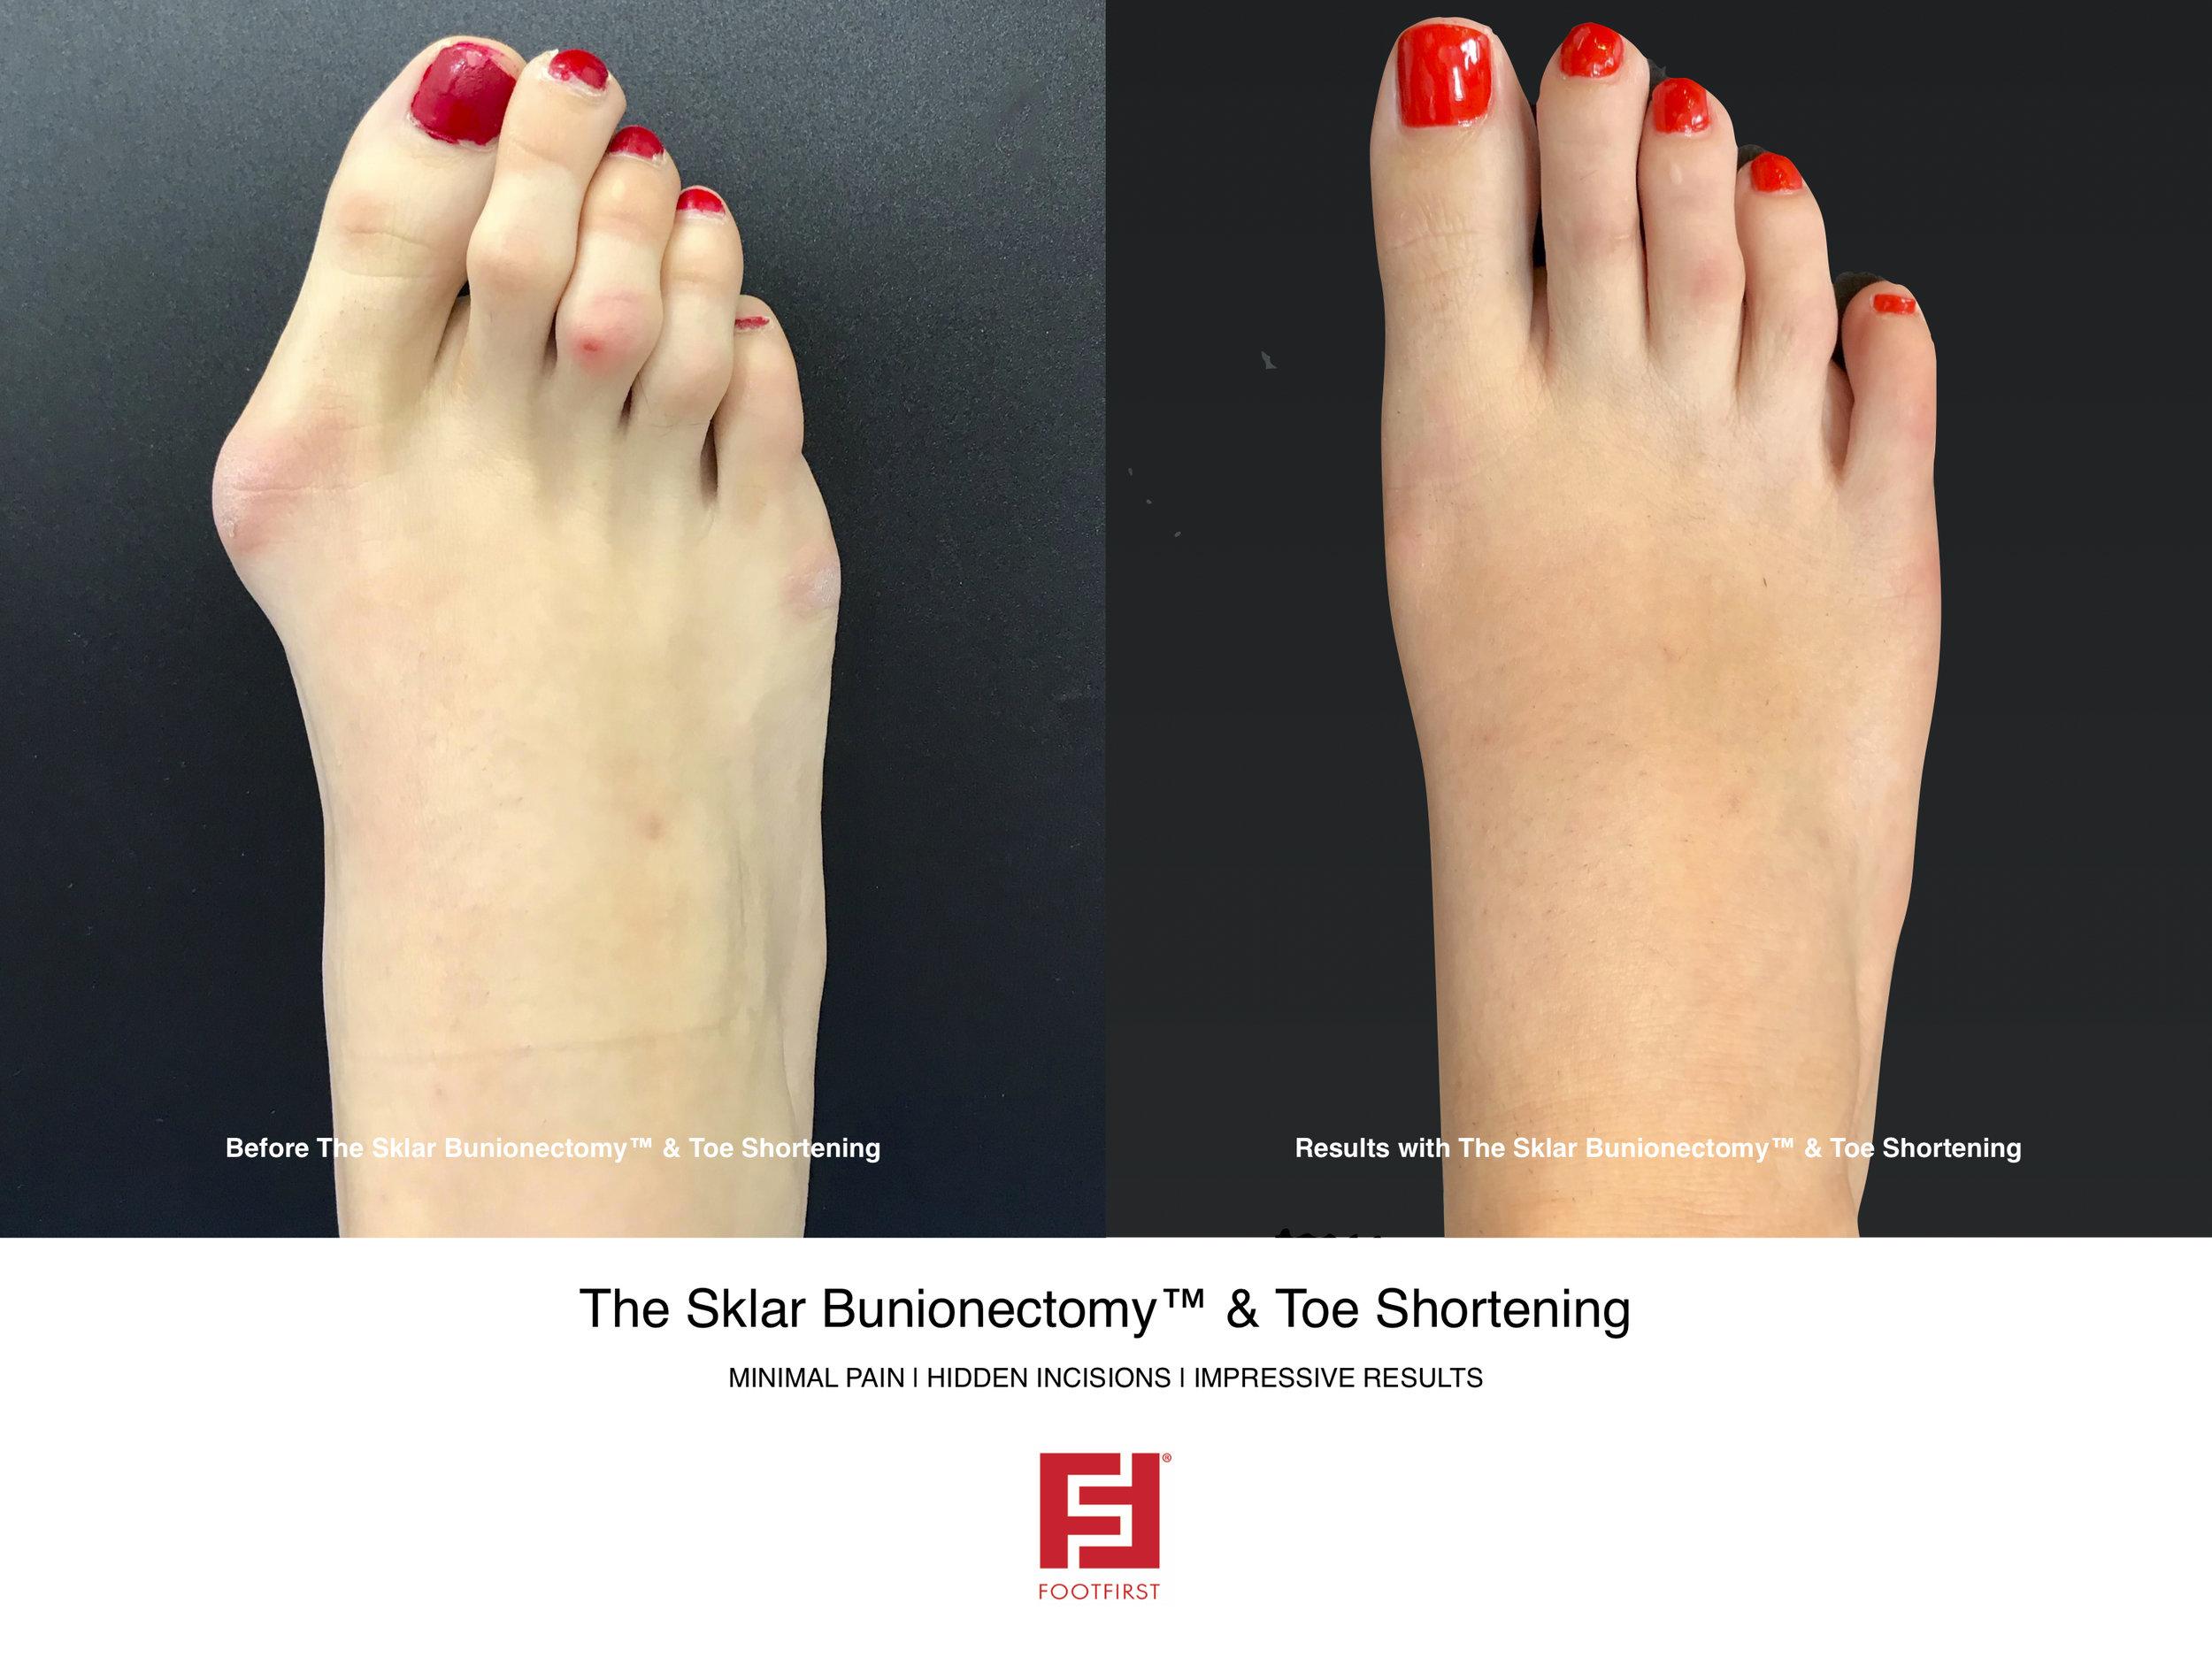 FF   www.footfirst.com - The Sklar Bunionectomy & Toe Shortening 2.jpg